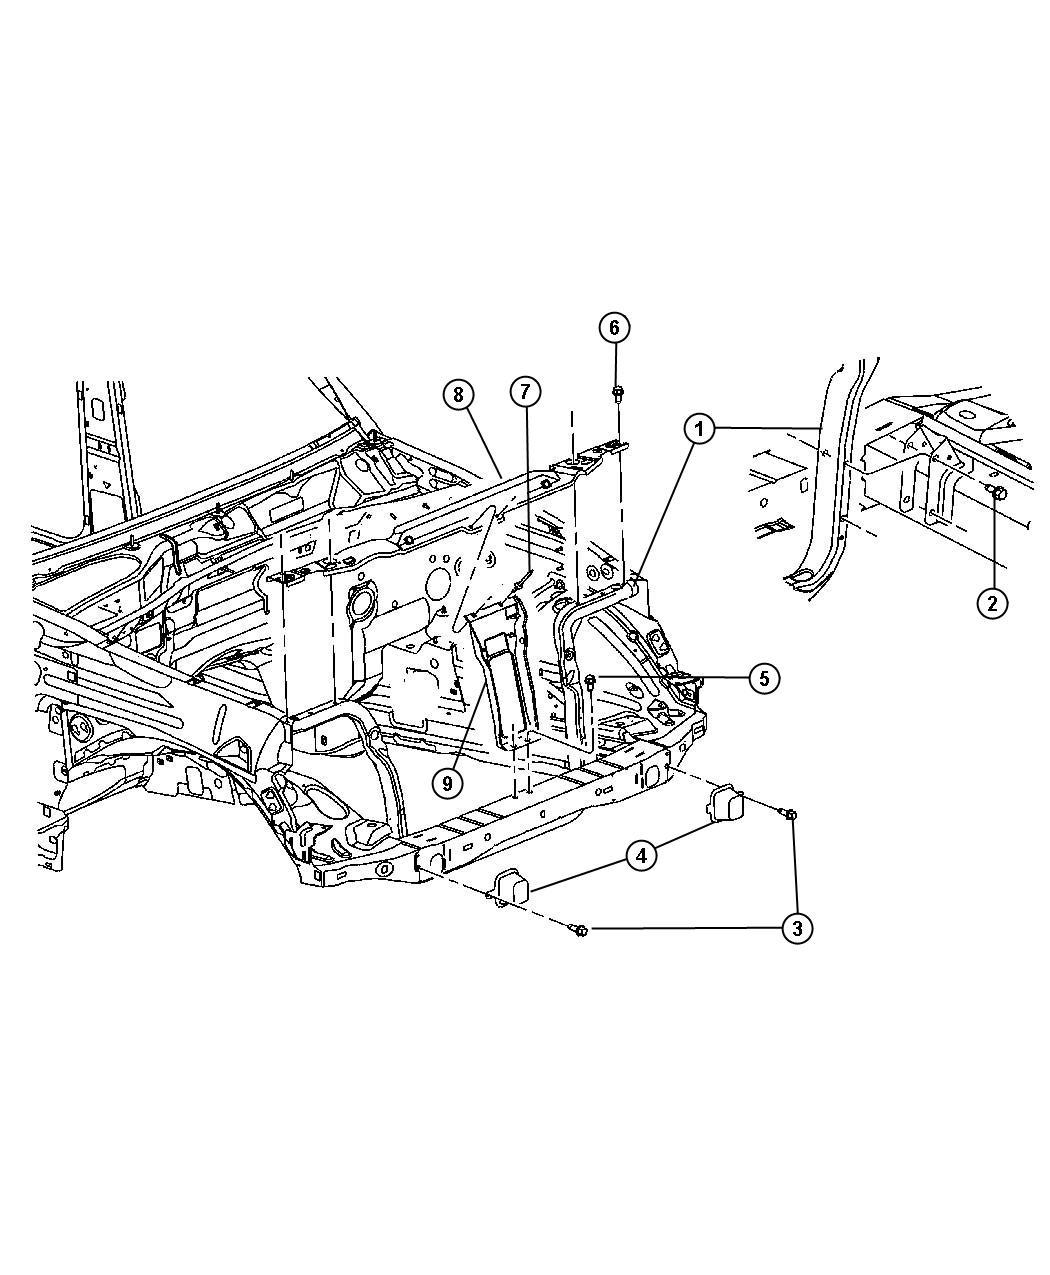 Dodge Avenger Support Radiator Lower Related